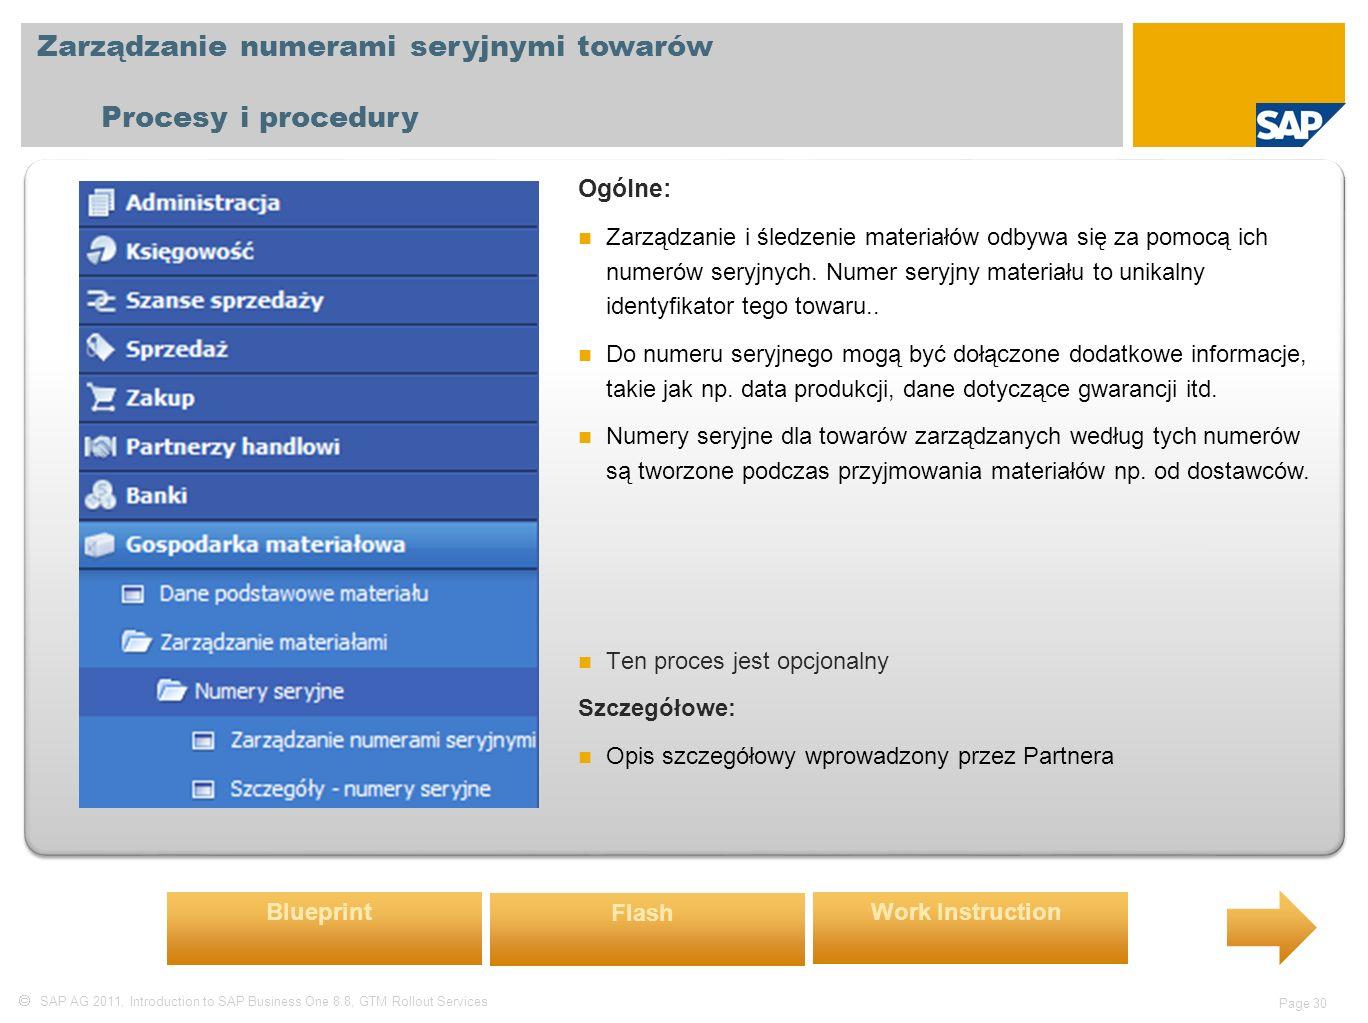  SAP AG 2011, Introduction to SAP Business One 8.8, GTM Rollout Services Page 30 Zarządzanie numerami seryjnymi towarów Procesy i procedury Ogólne: Zarządzanie i śledzenie materiałów odbywa się za pomocą ich numerów seryjnych.